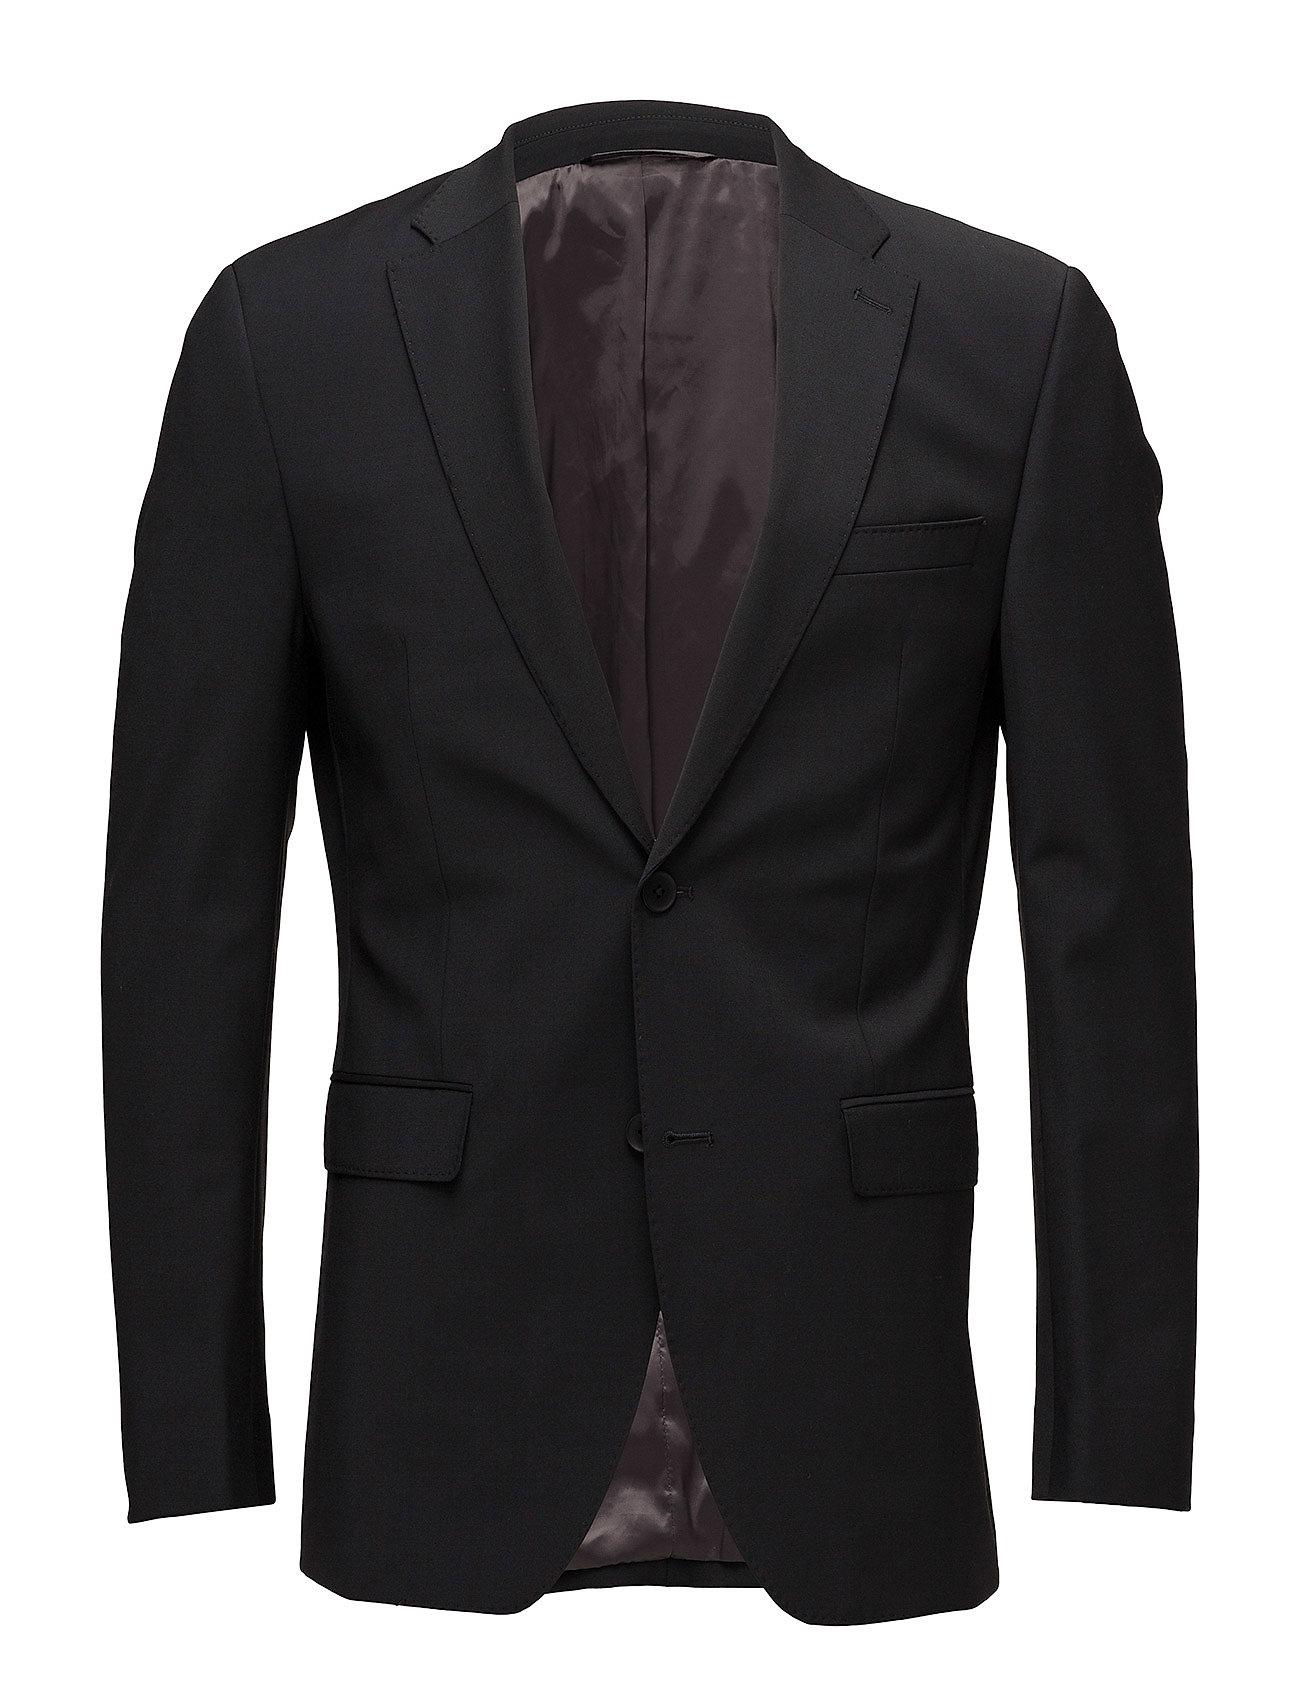 ESPRIT Blazers Suit Blazer Jackett Schwarz ESPRIT COLLECTION